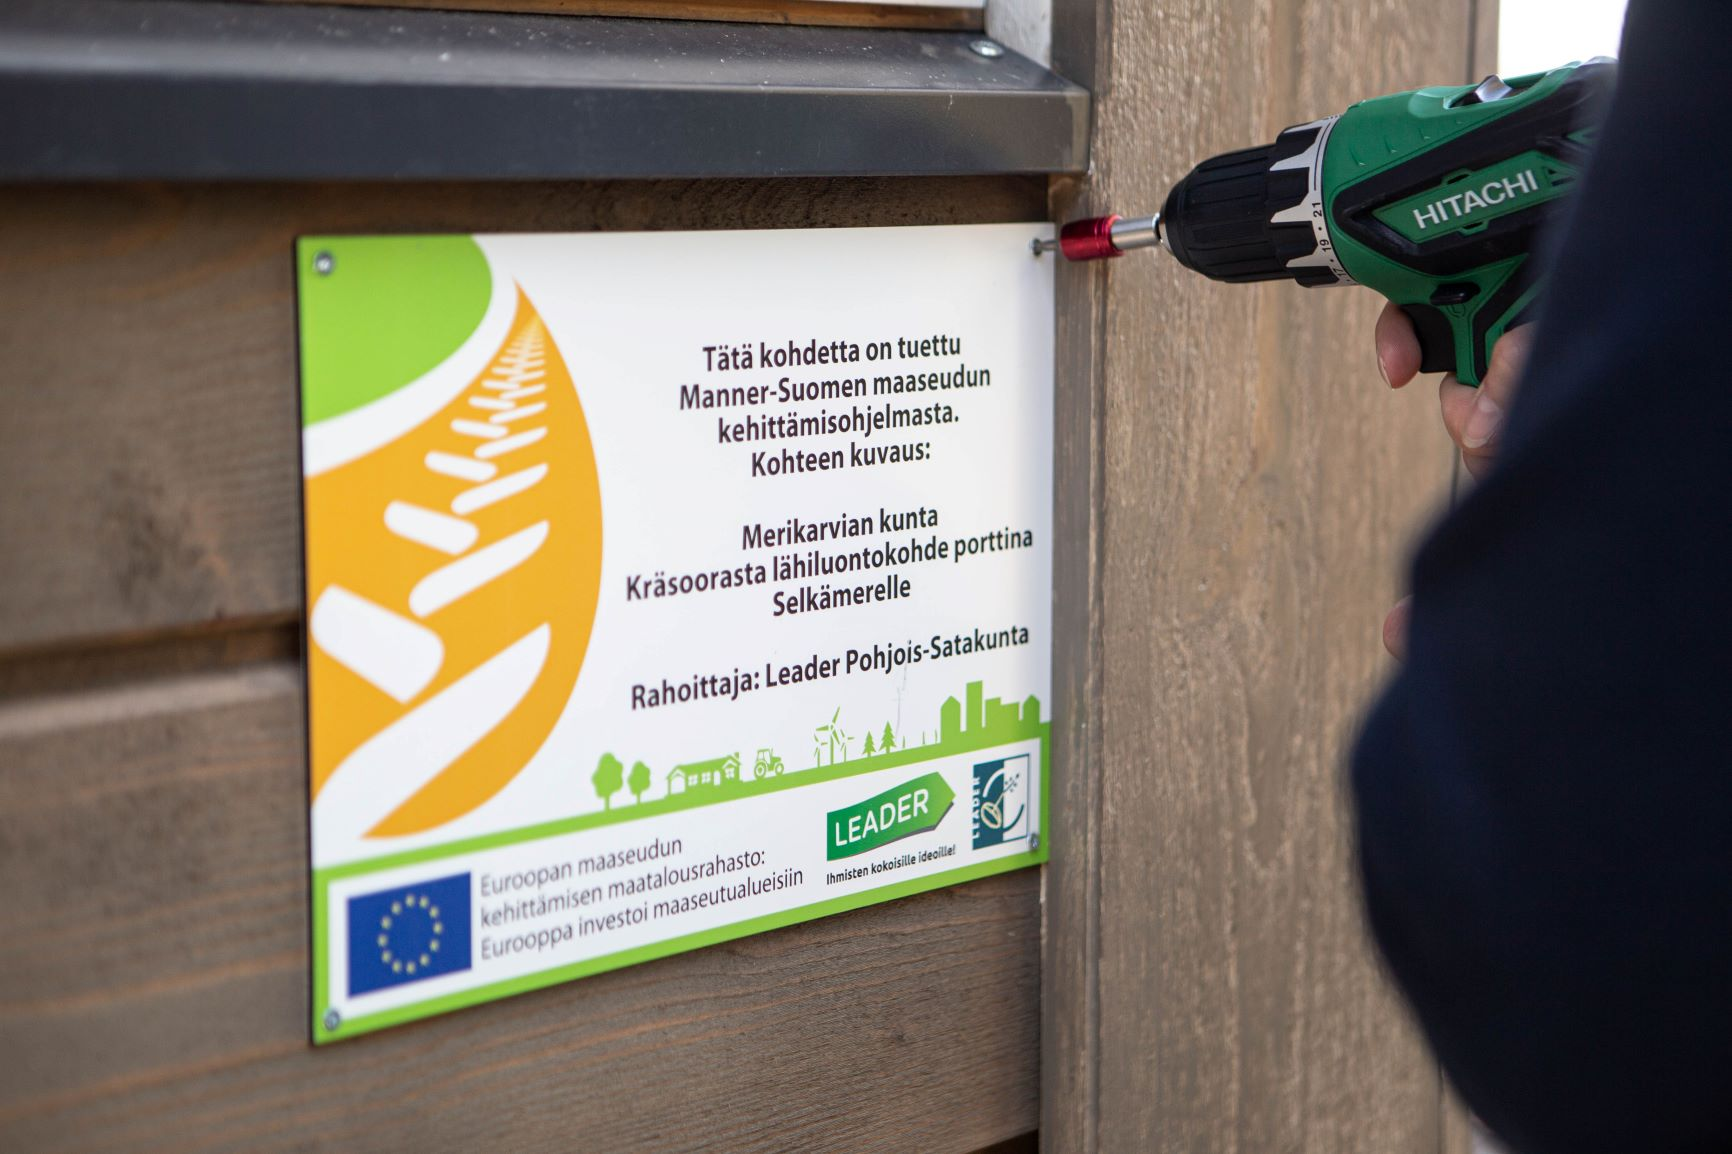 Tätä kohdetta on tuettu Manner-Suomen maaseudun kehittämisohjelmasta.